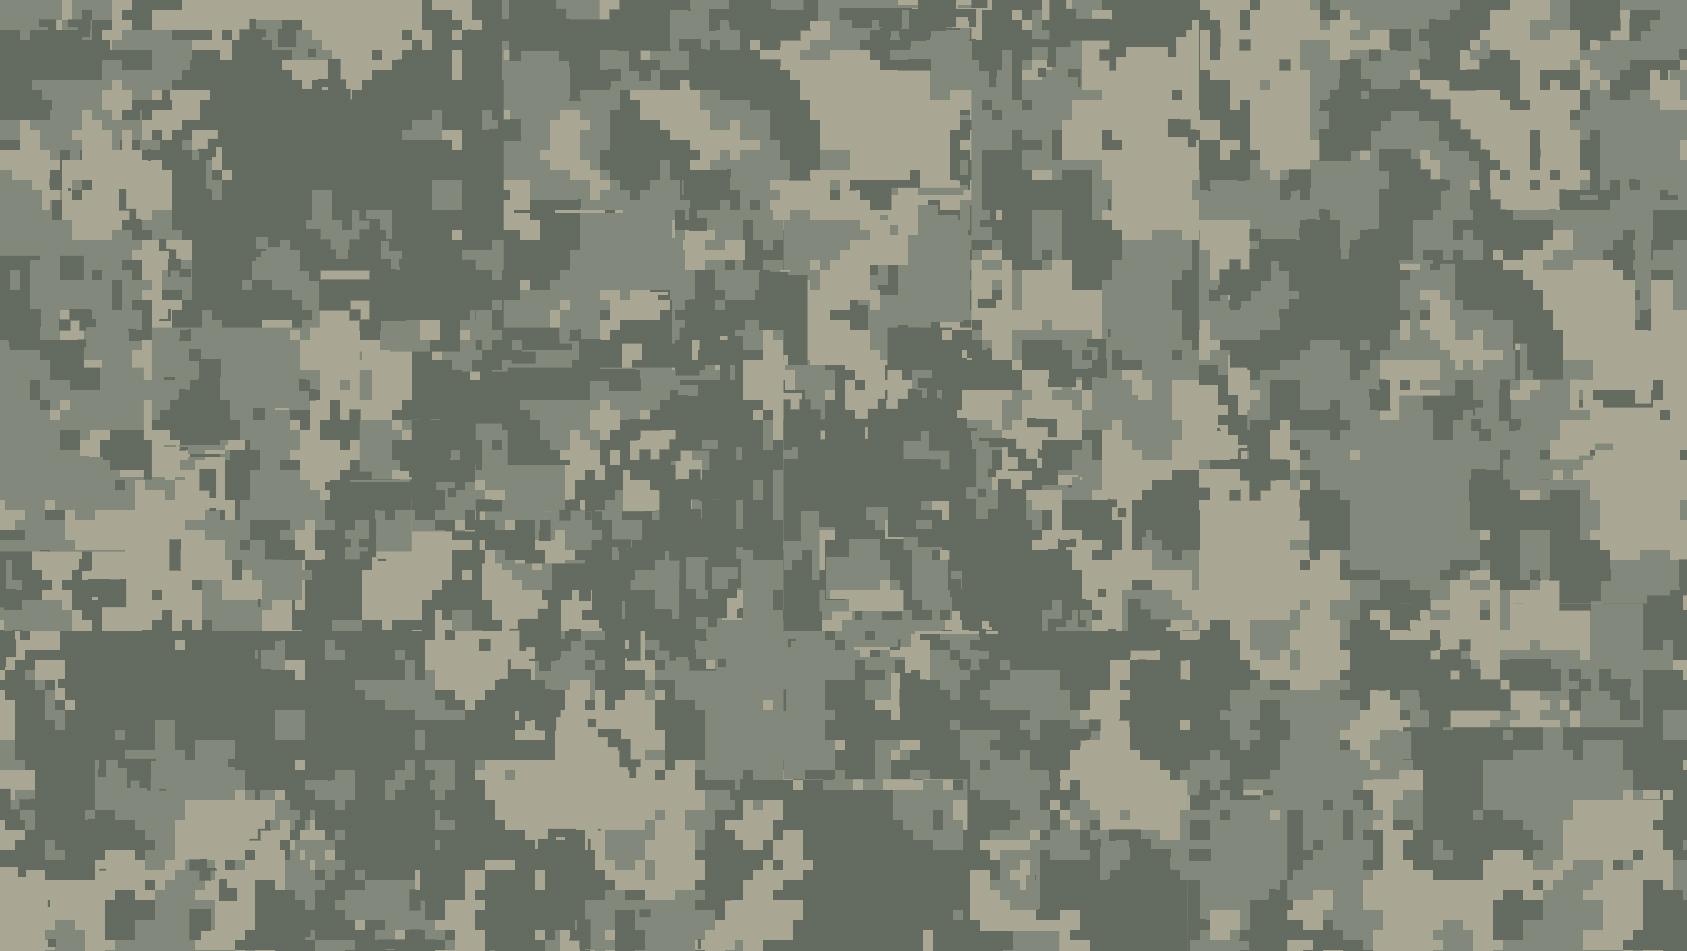 Digital Camo Patterns Hd HD Walls Find Wallpapers 1687x951